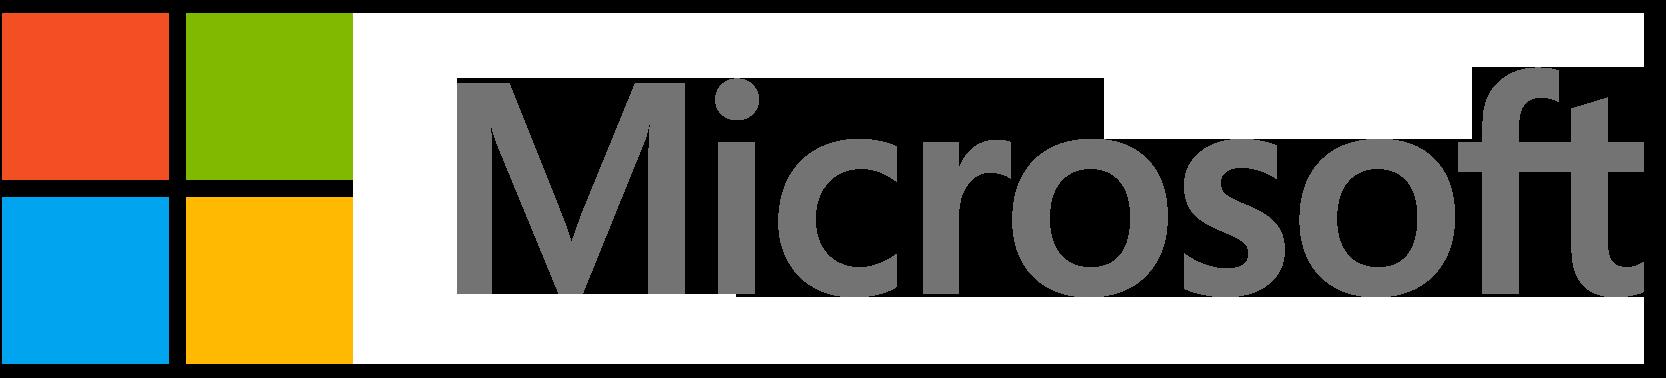 Micrososft